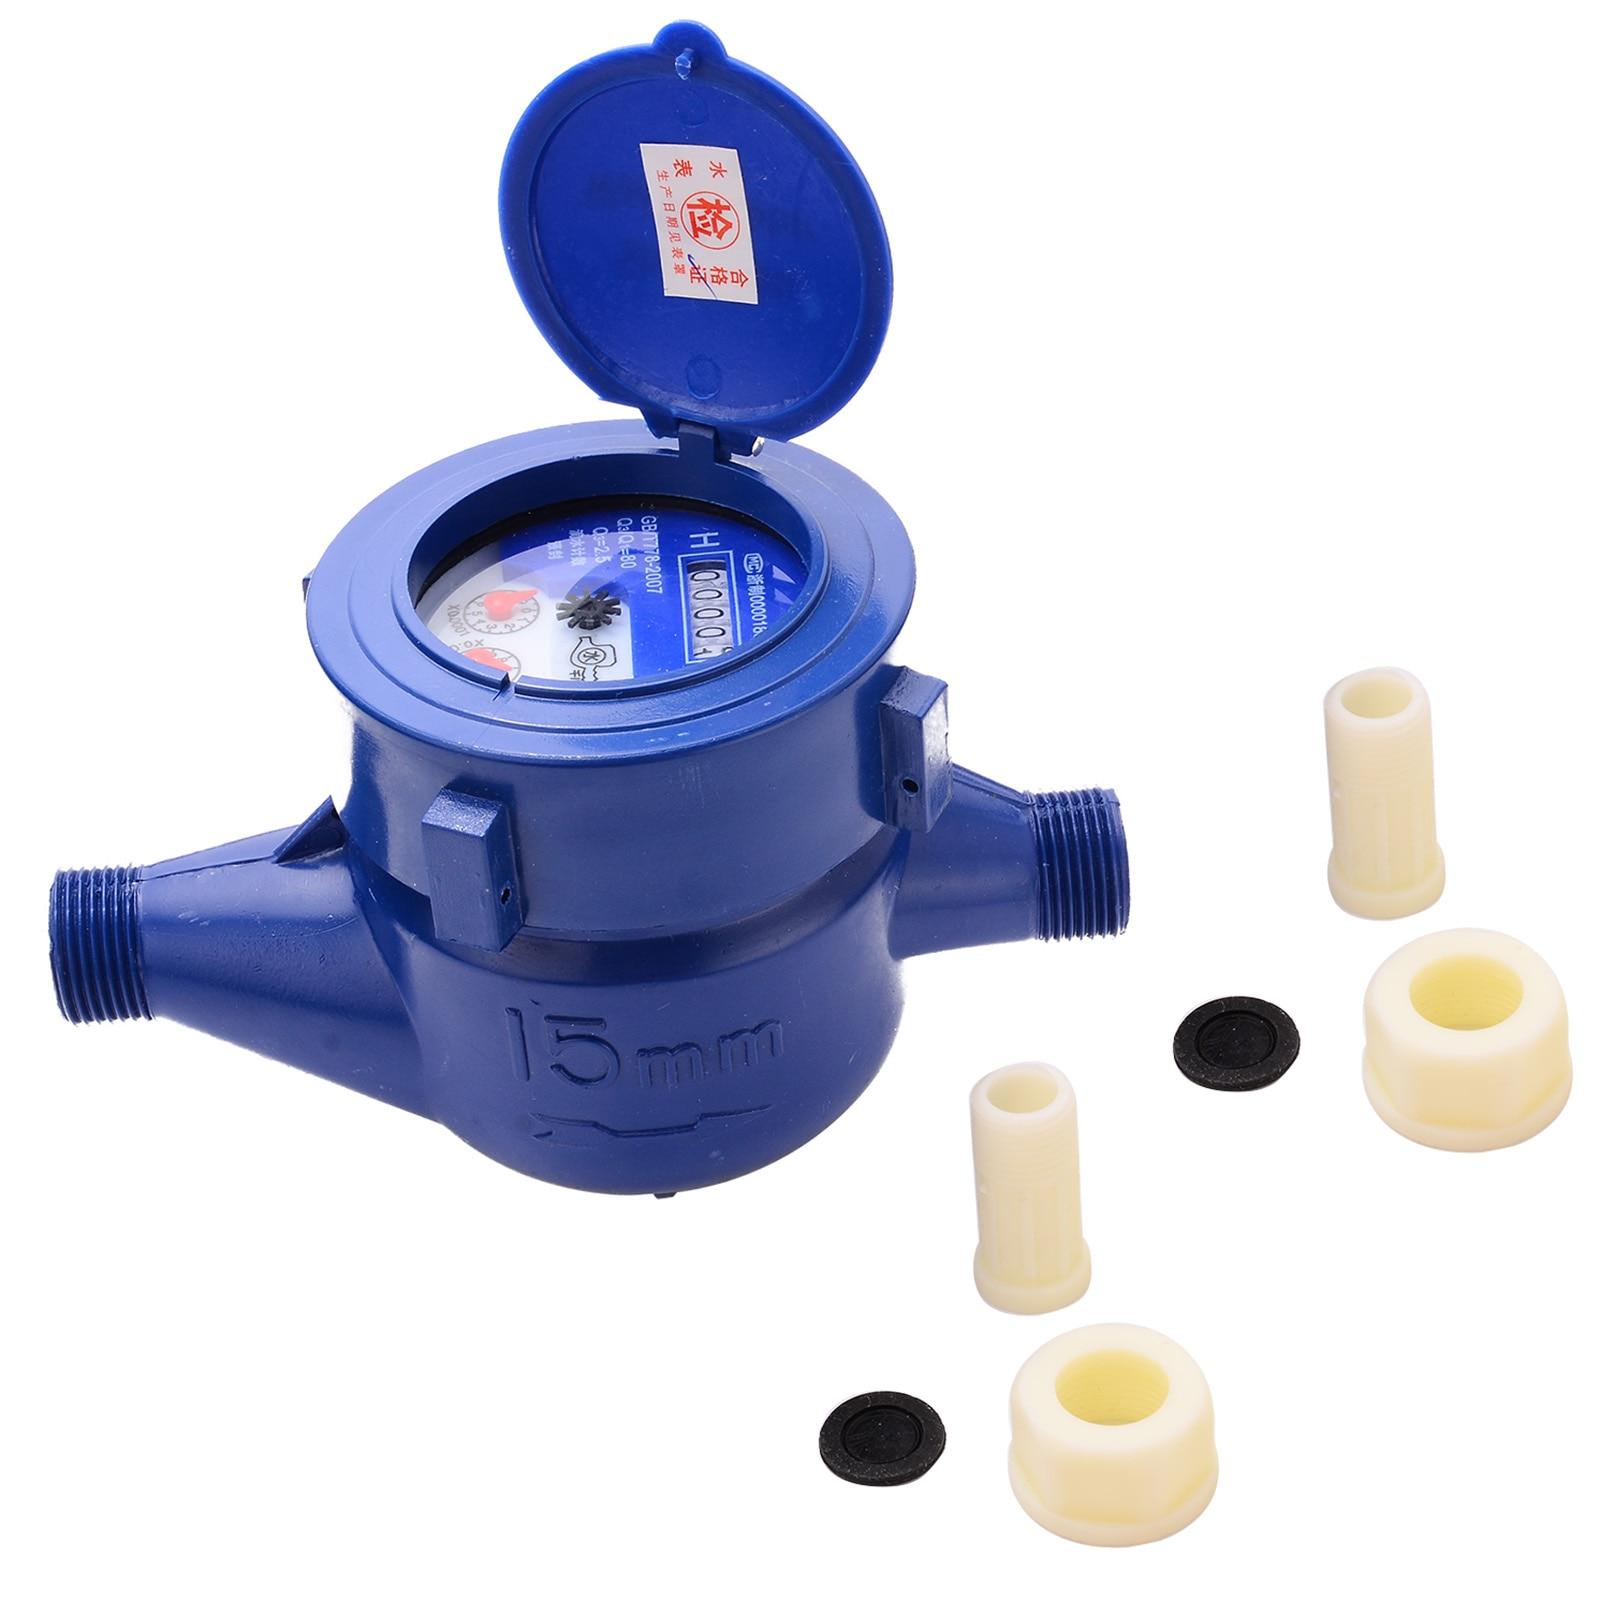 Aliexpress Buy Plastic 15mm Water Meter Counter